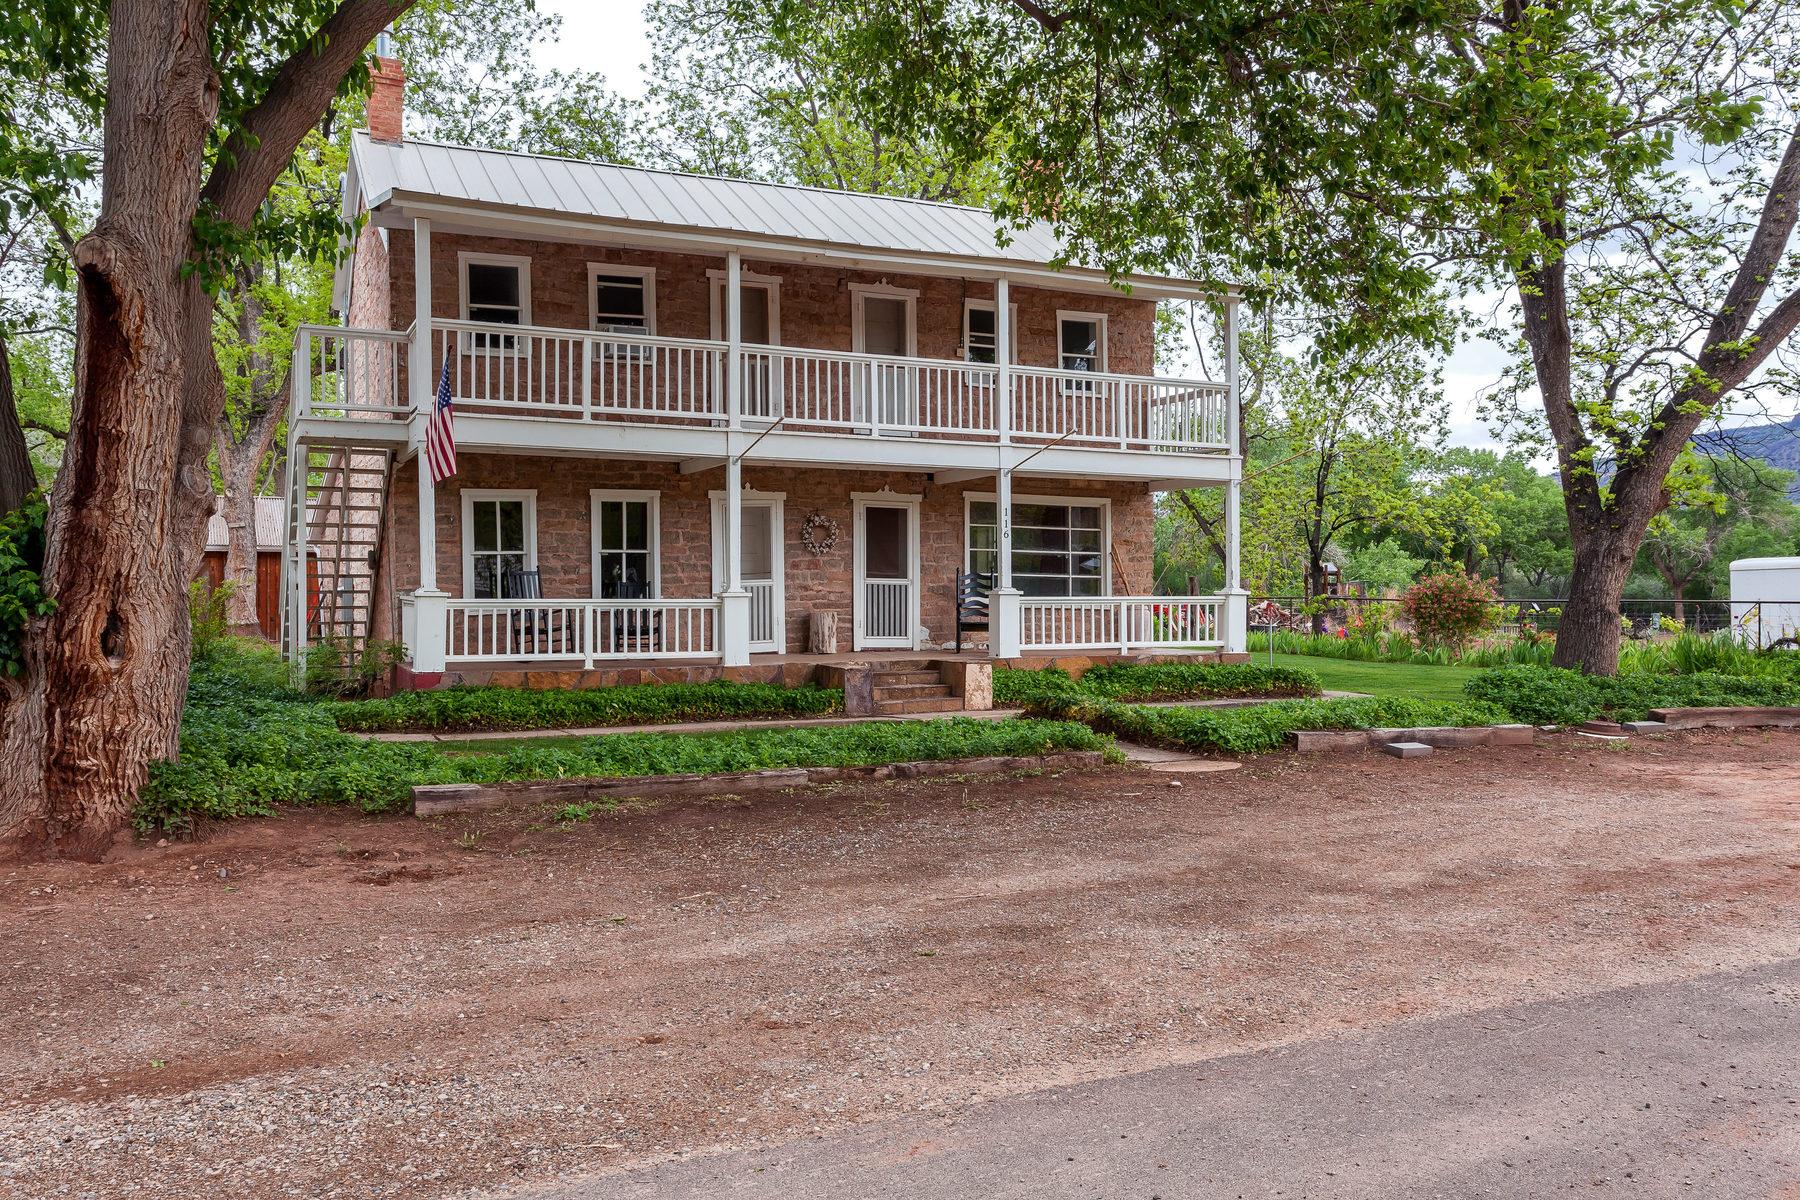 Villa per Vendita alle ore FEATURED IN COUNTRY LIVING MAGAZINE!! 116 Jepson St Virgin, Utah, 84779 Stati Uniti